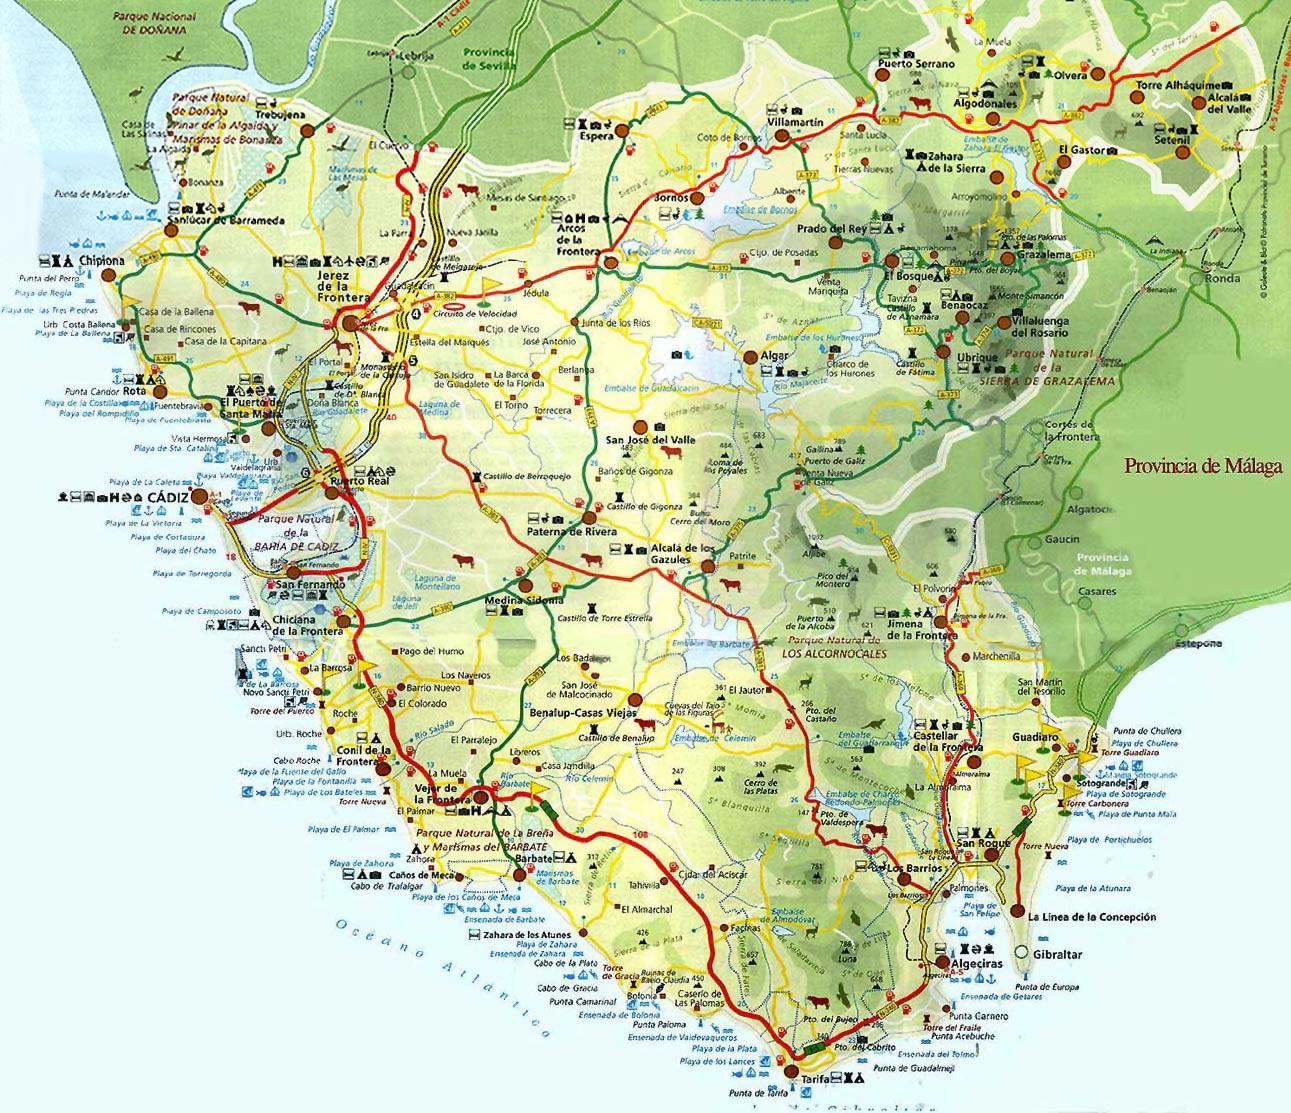 cadiz mapa Mapa de la Provincia de Cadiz cadiz mapa